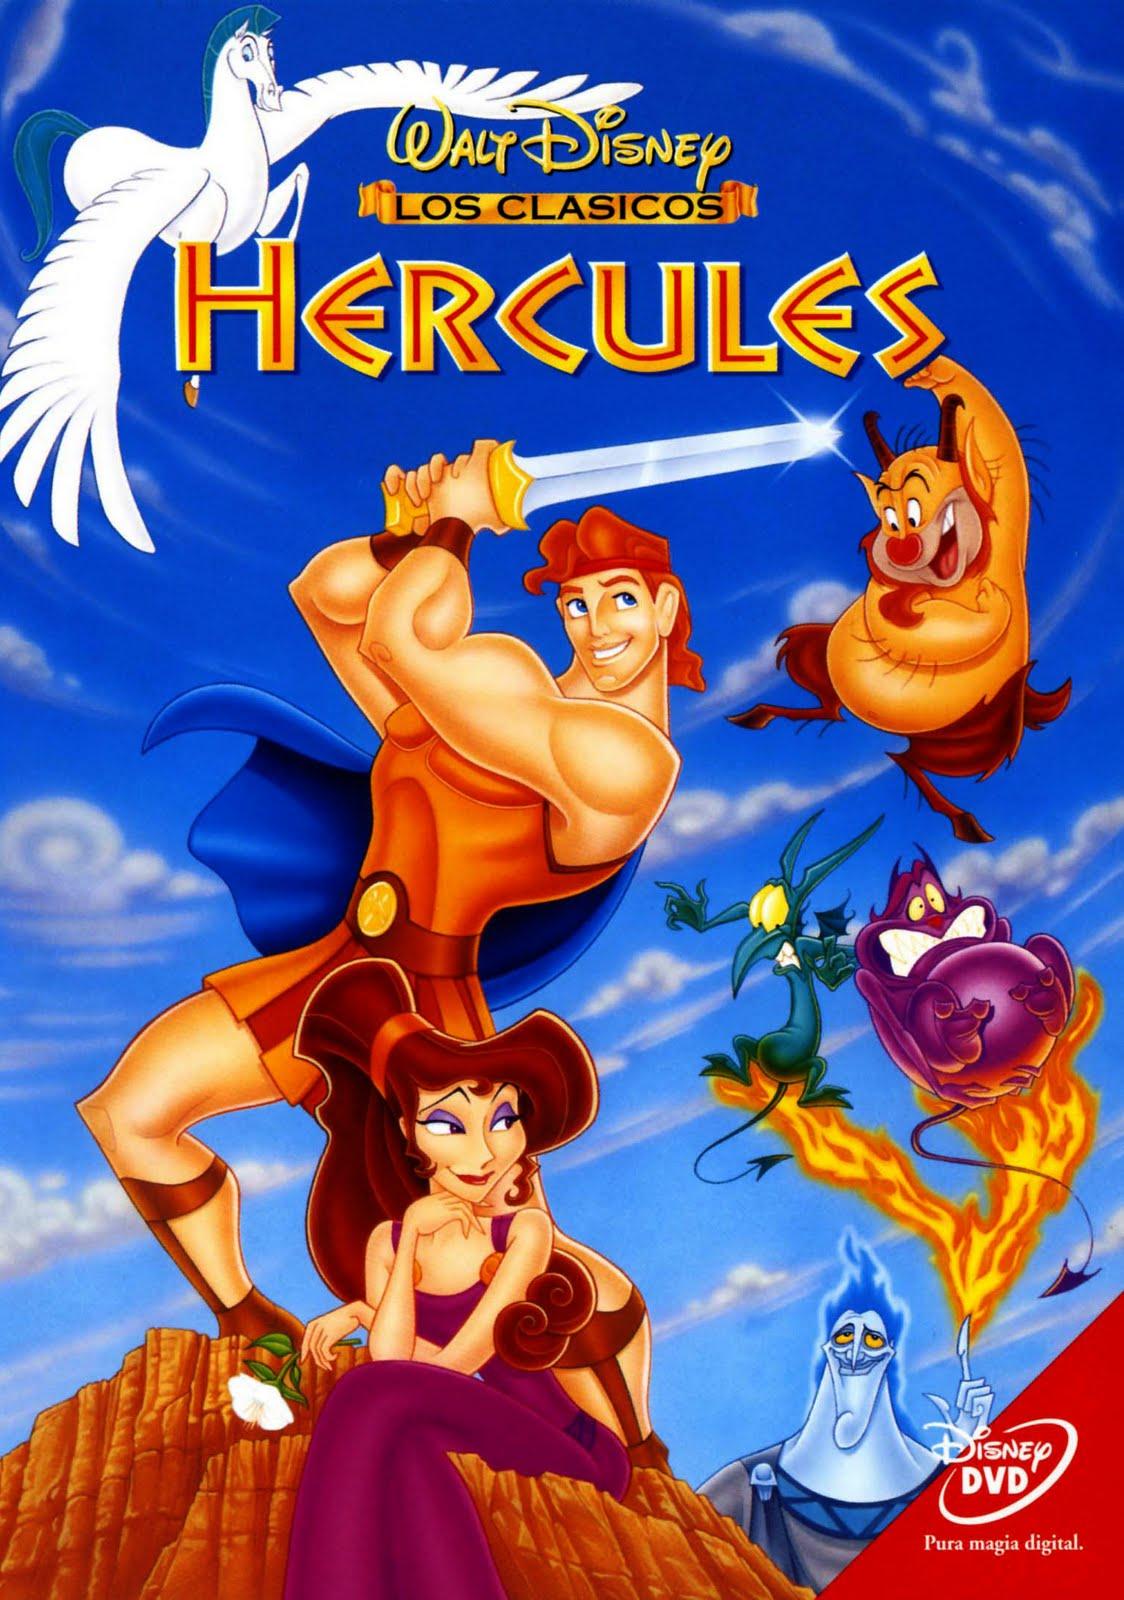 Hercules_Disney.jpg